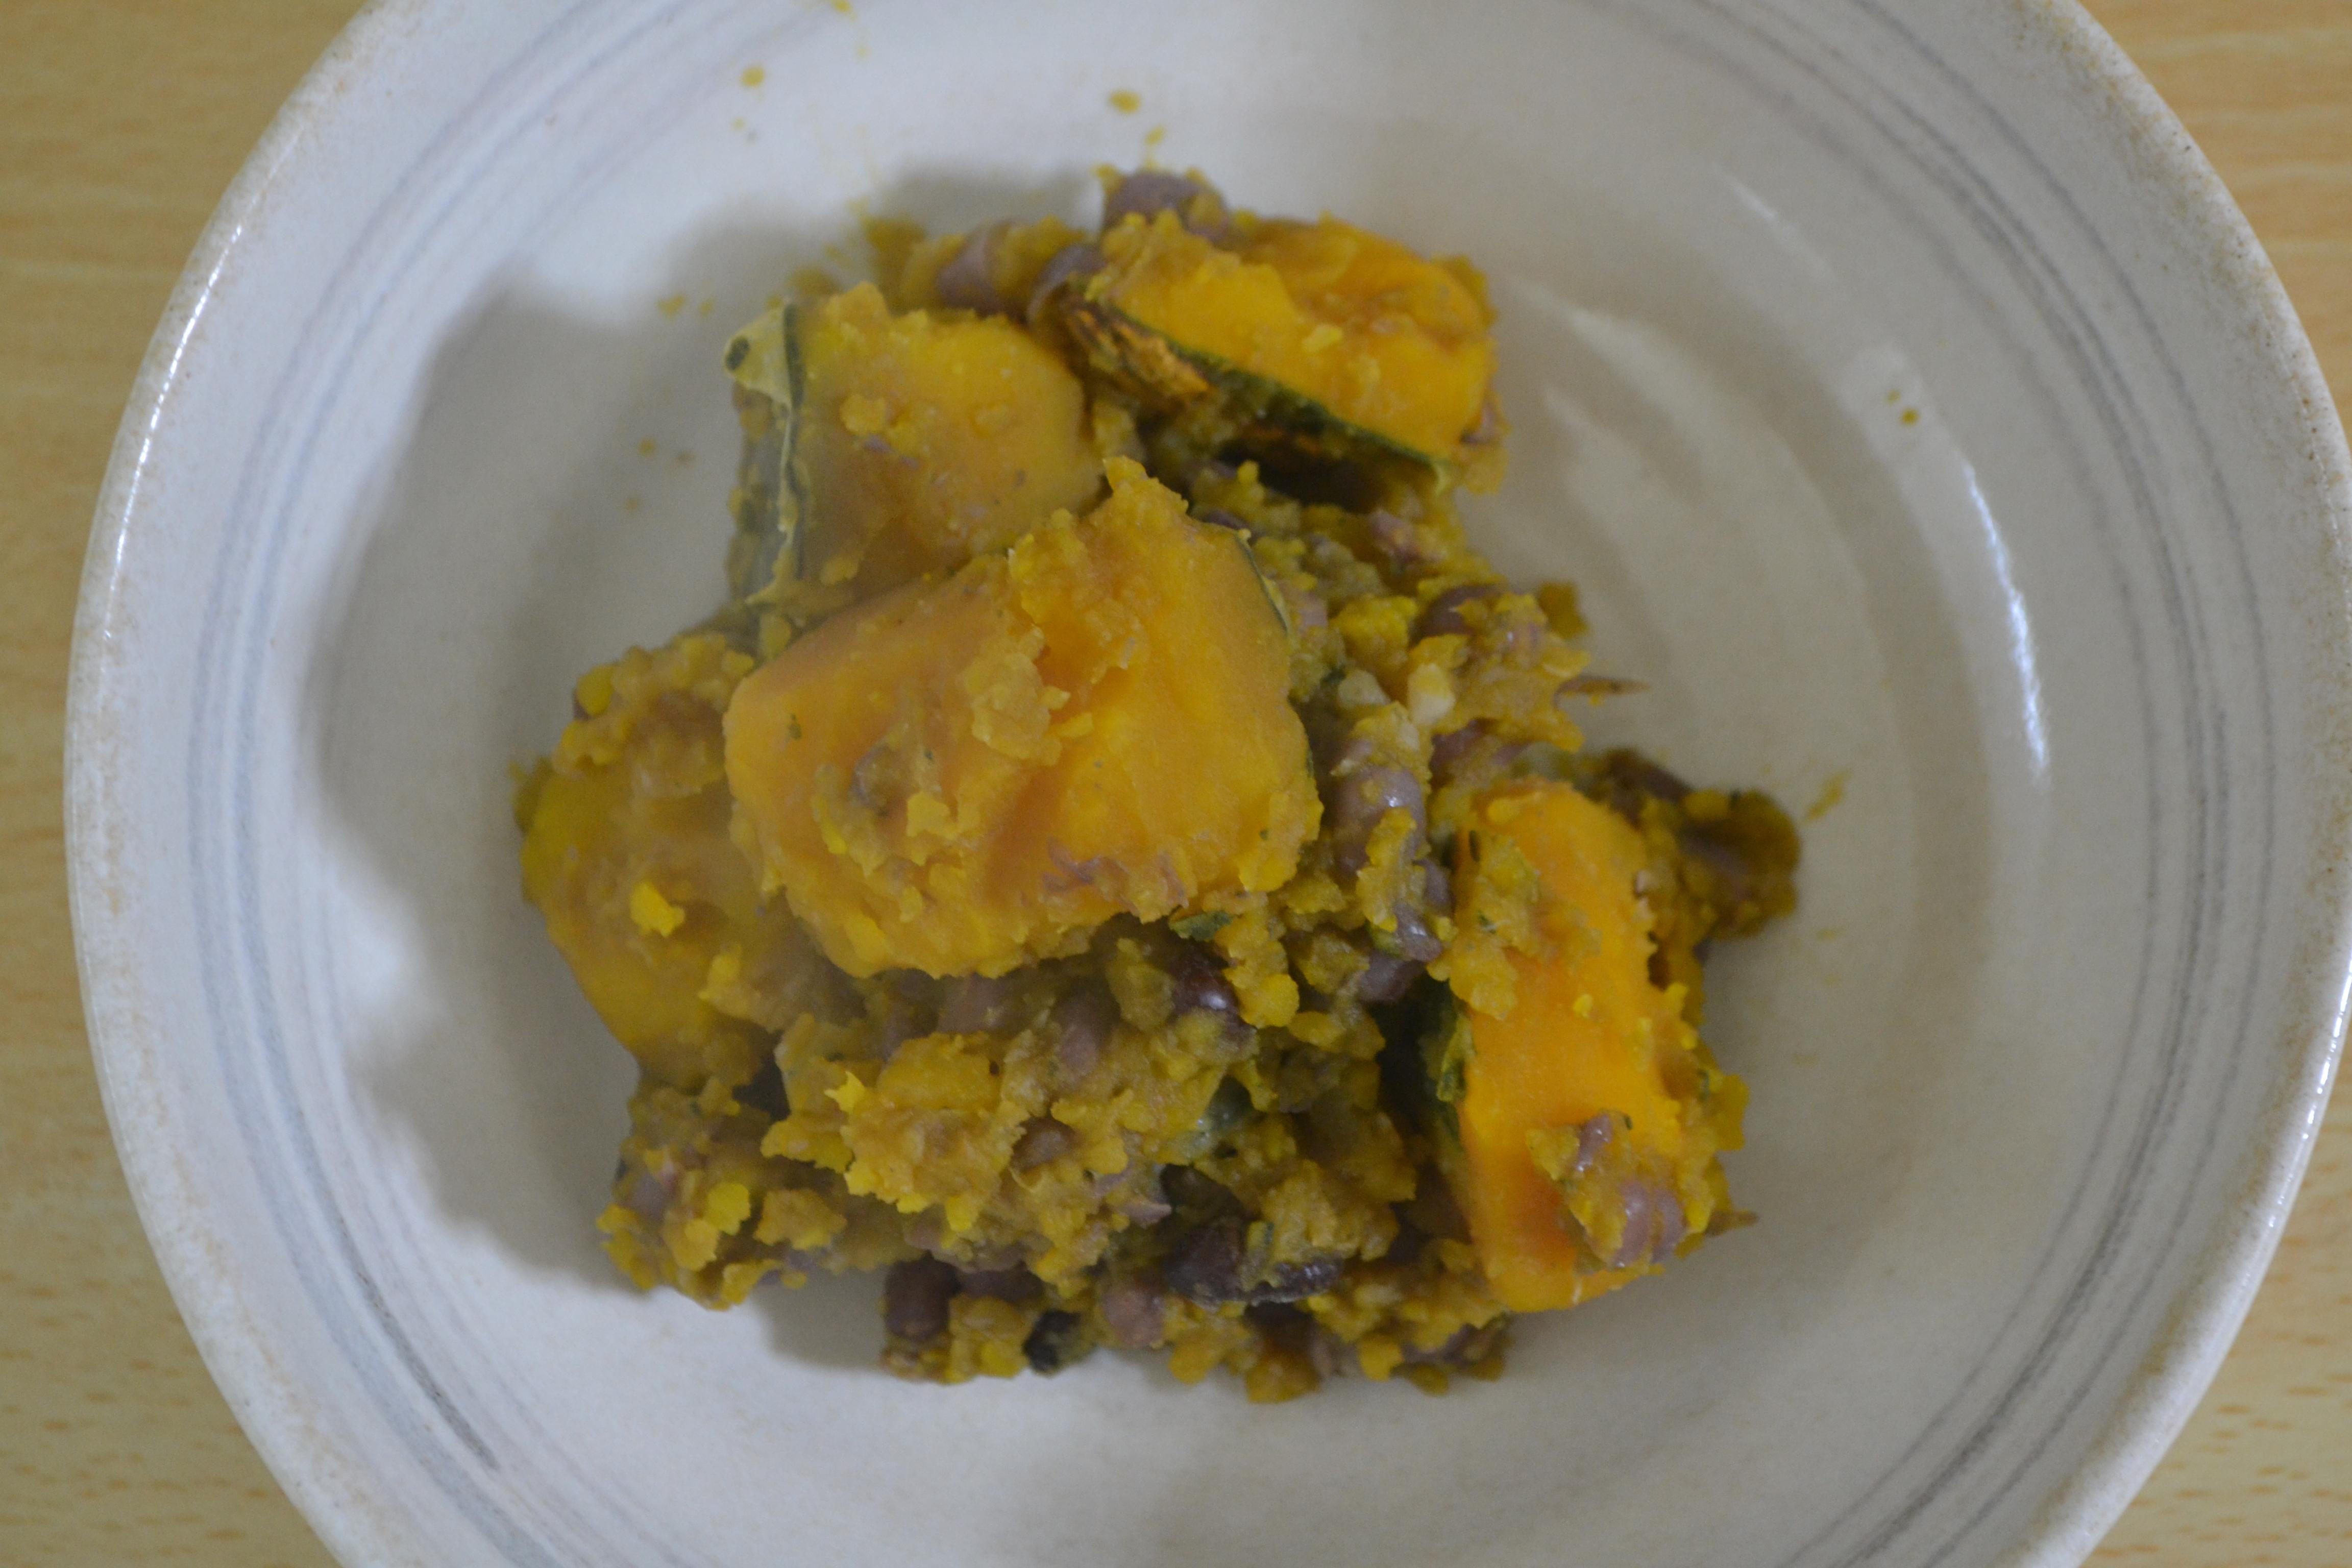 【常備菜】 重ね煮小豆かぼちゃを作って美味しかったけど、なんか物足りなかったです!